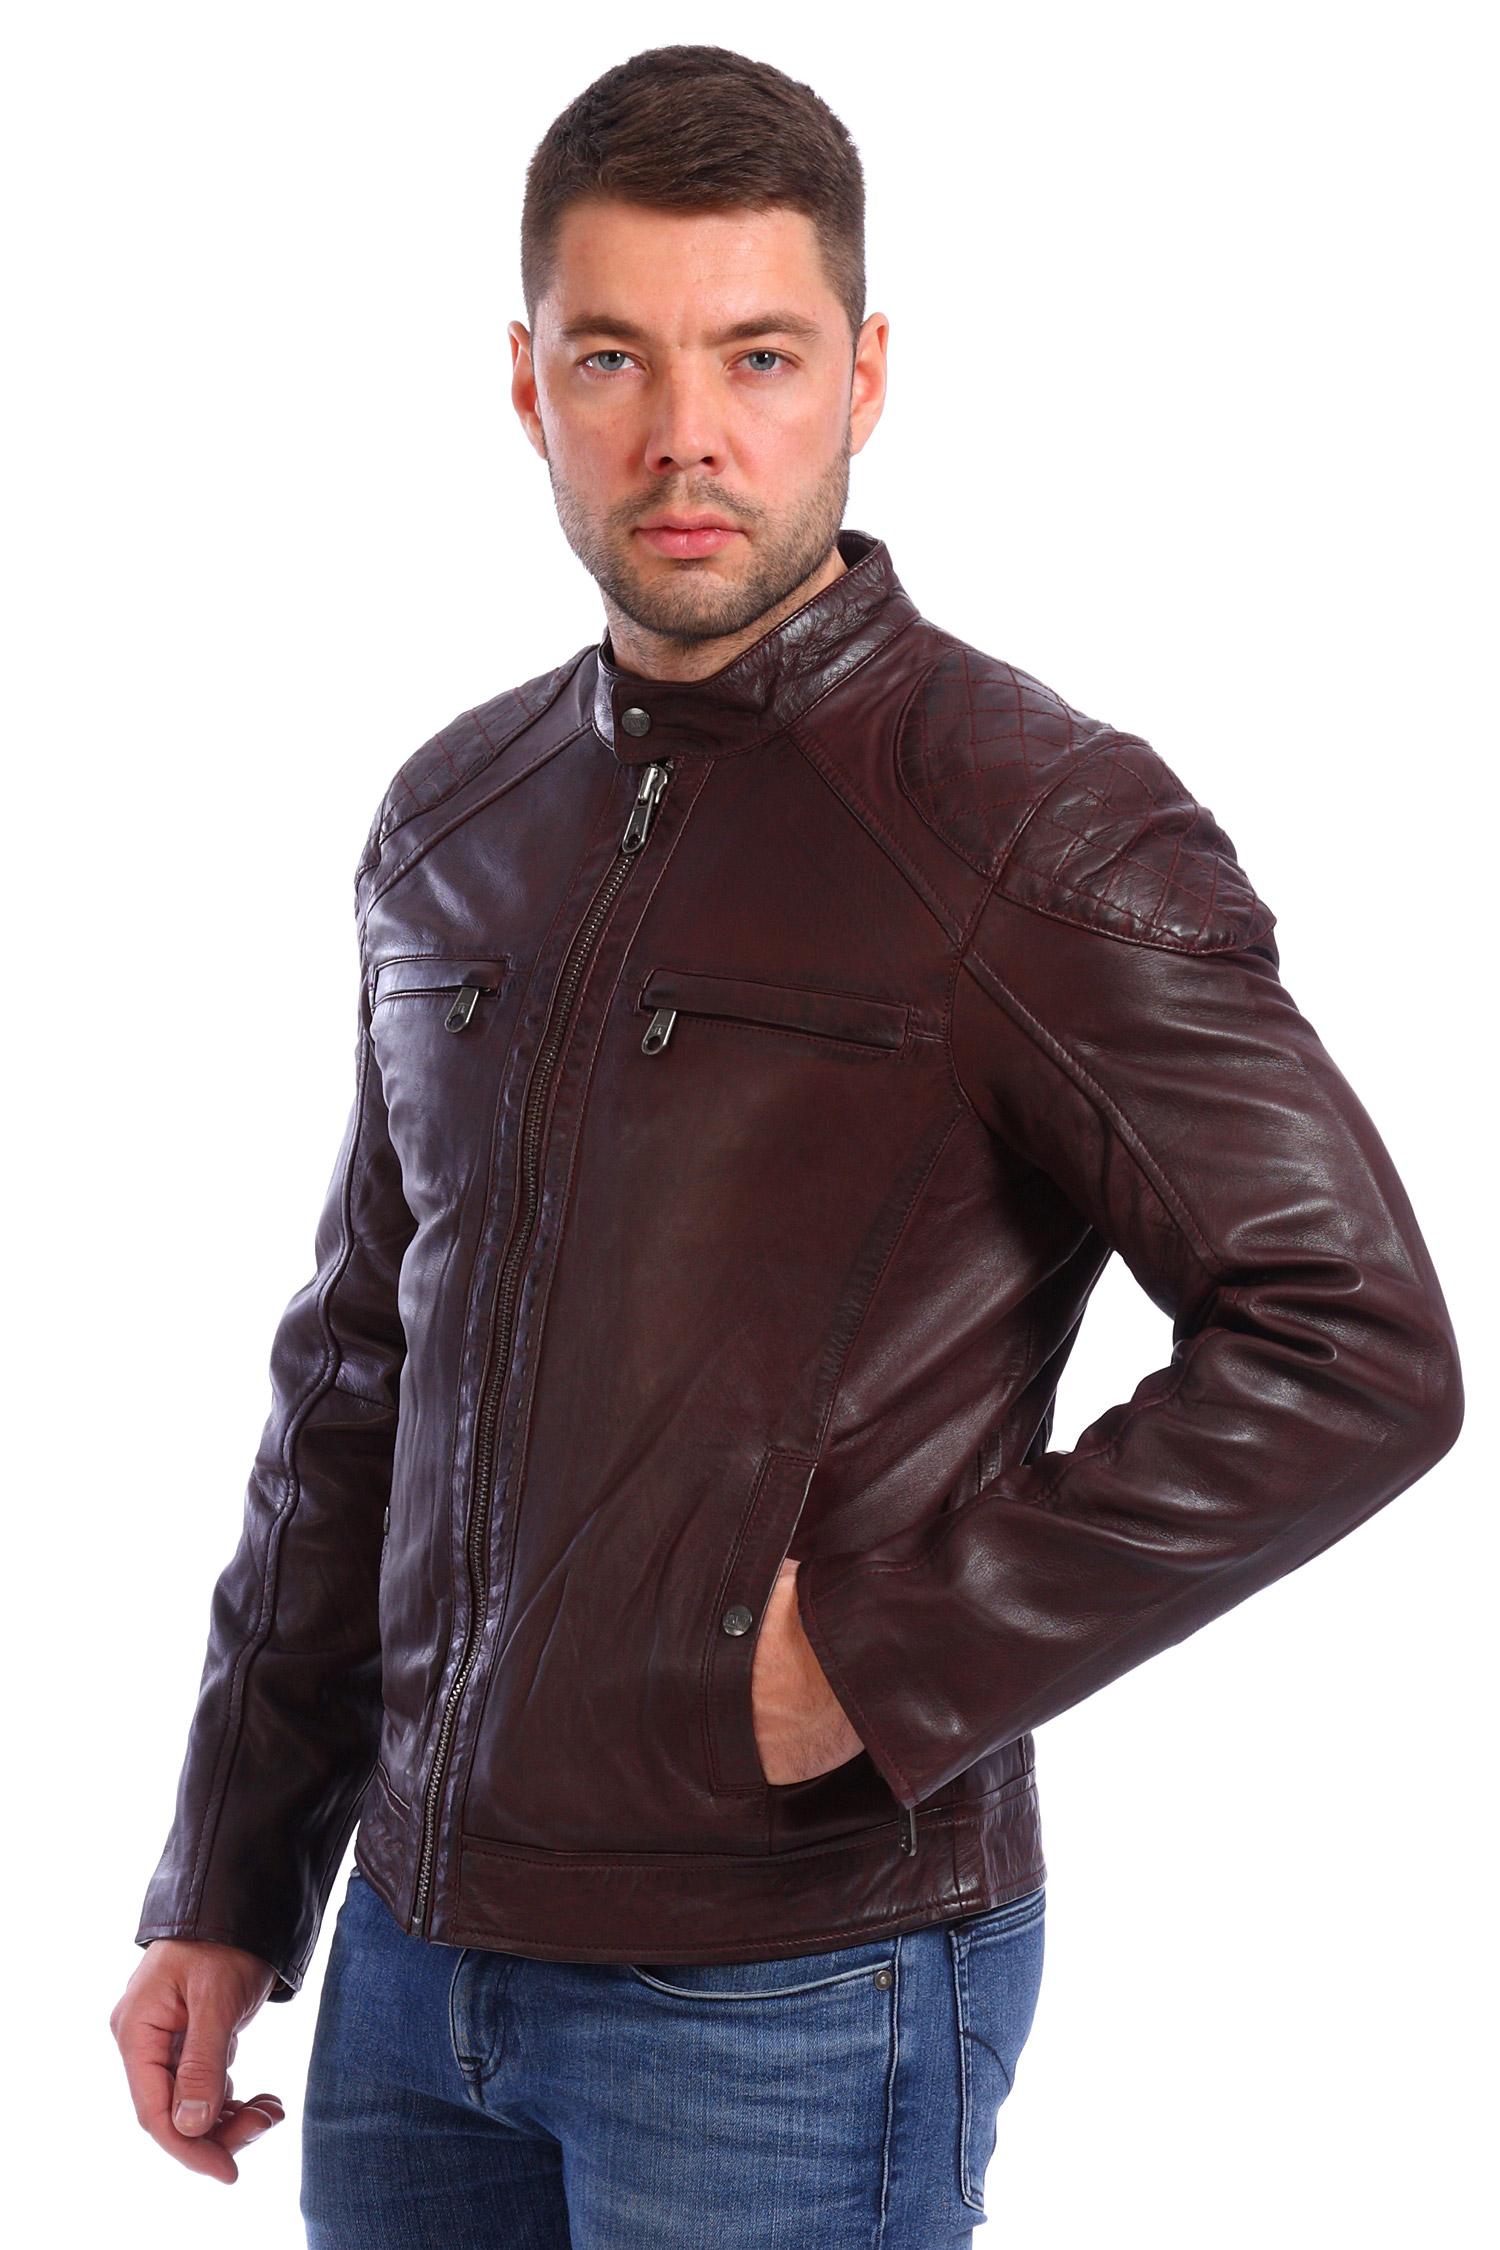 Мужская кожаная куртка из натуральной кожи<br><br>Воротник: стойка<br>Материал: Кожа овчина<br>Цвет: коричневый<br>Пол: Мужской<br>Размер RU: 58